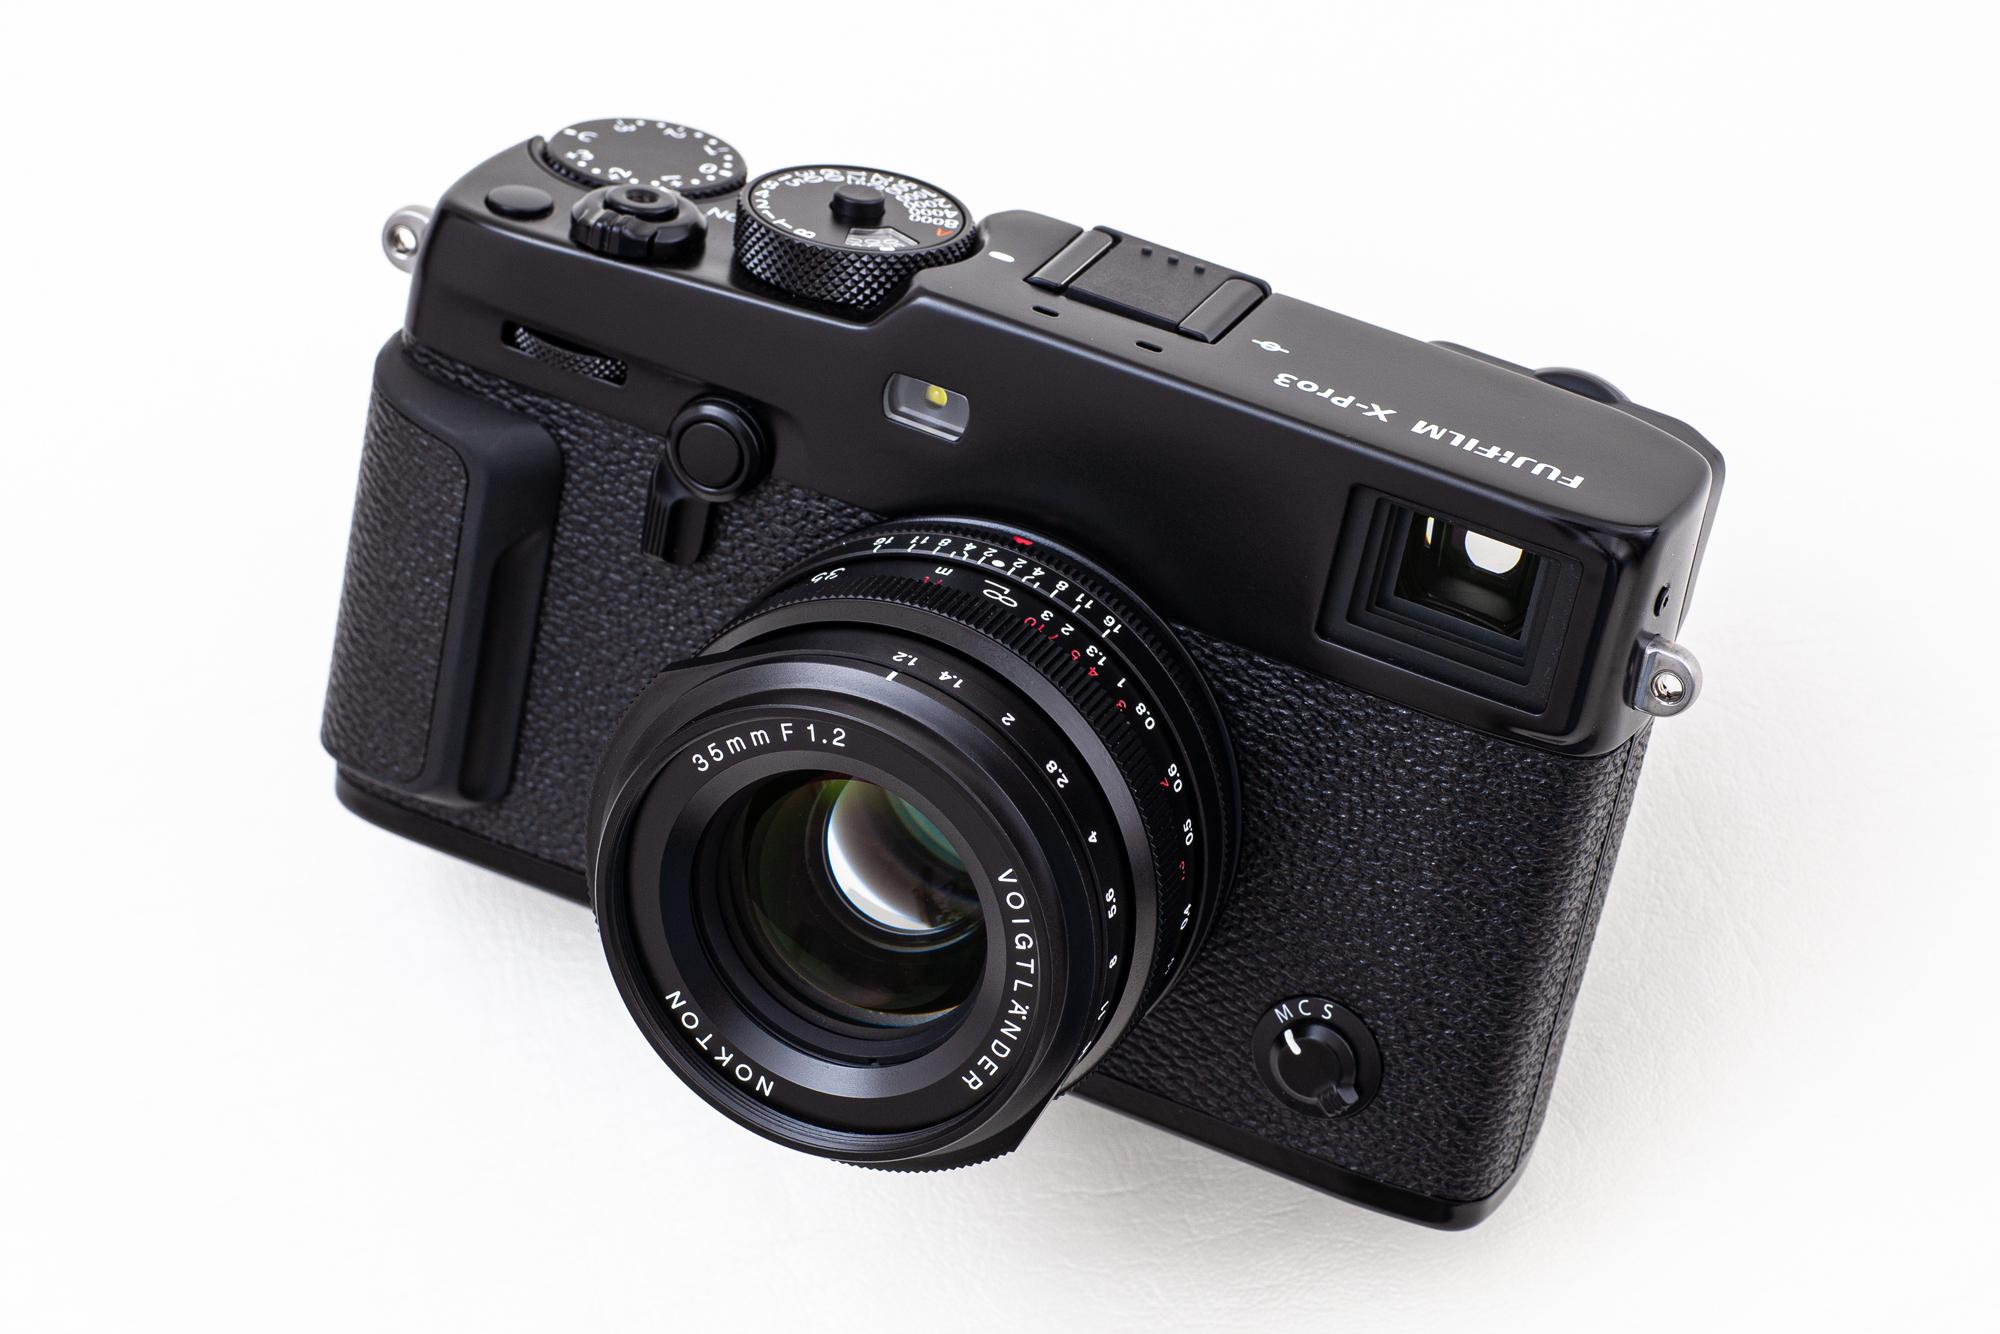 【Voigtlander】フジフイルムで使うNOKTON 35mm F1.2 X-mount